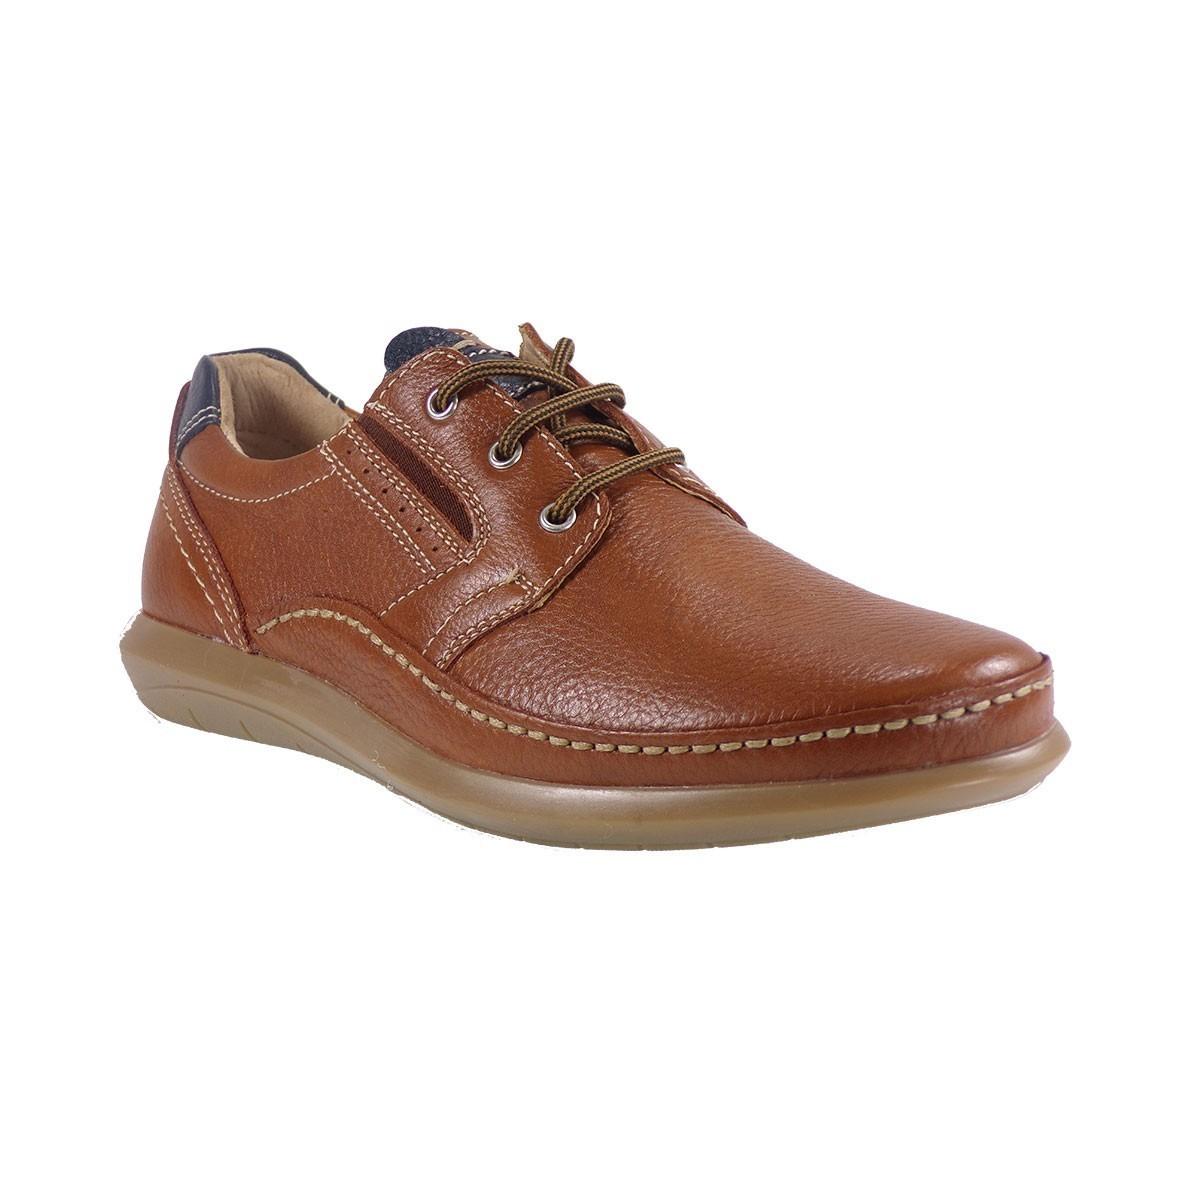 79a91ce441e ZEN Air Ανδρικά Παπούτσια 677497 Ταμπά Δέρμα